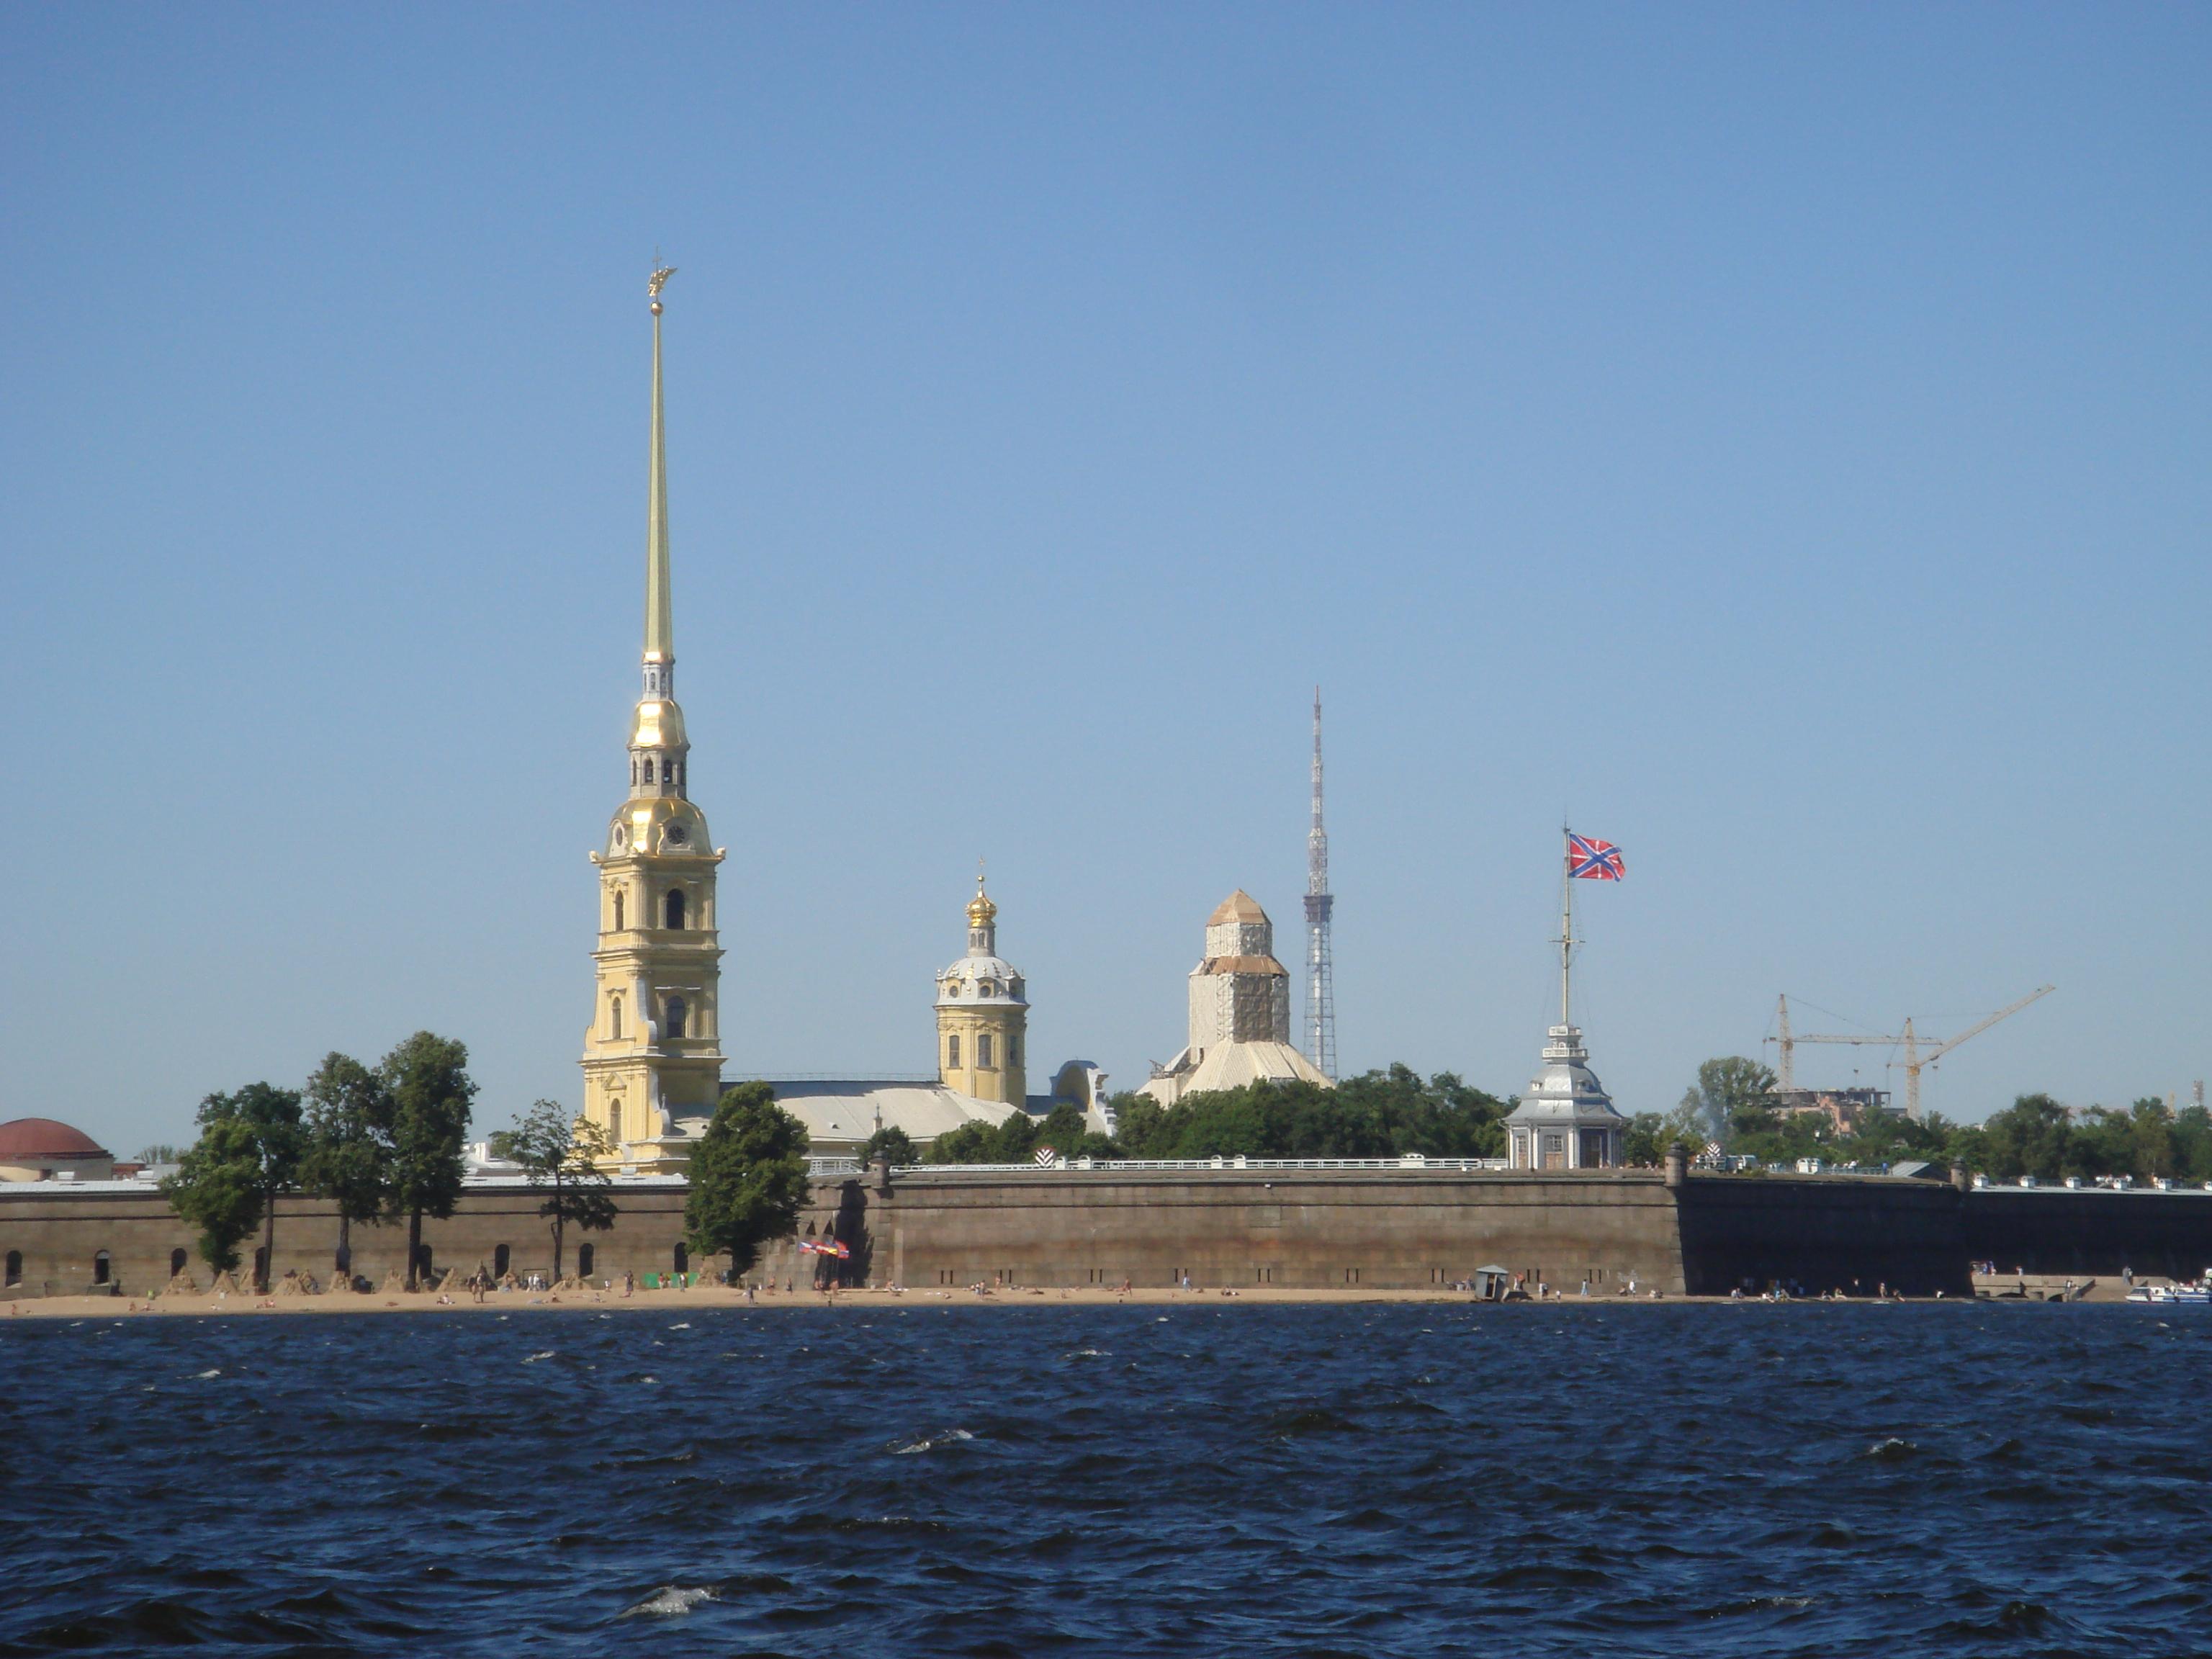 петербург петропавловская крепость фото